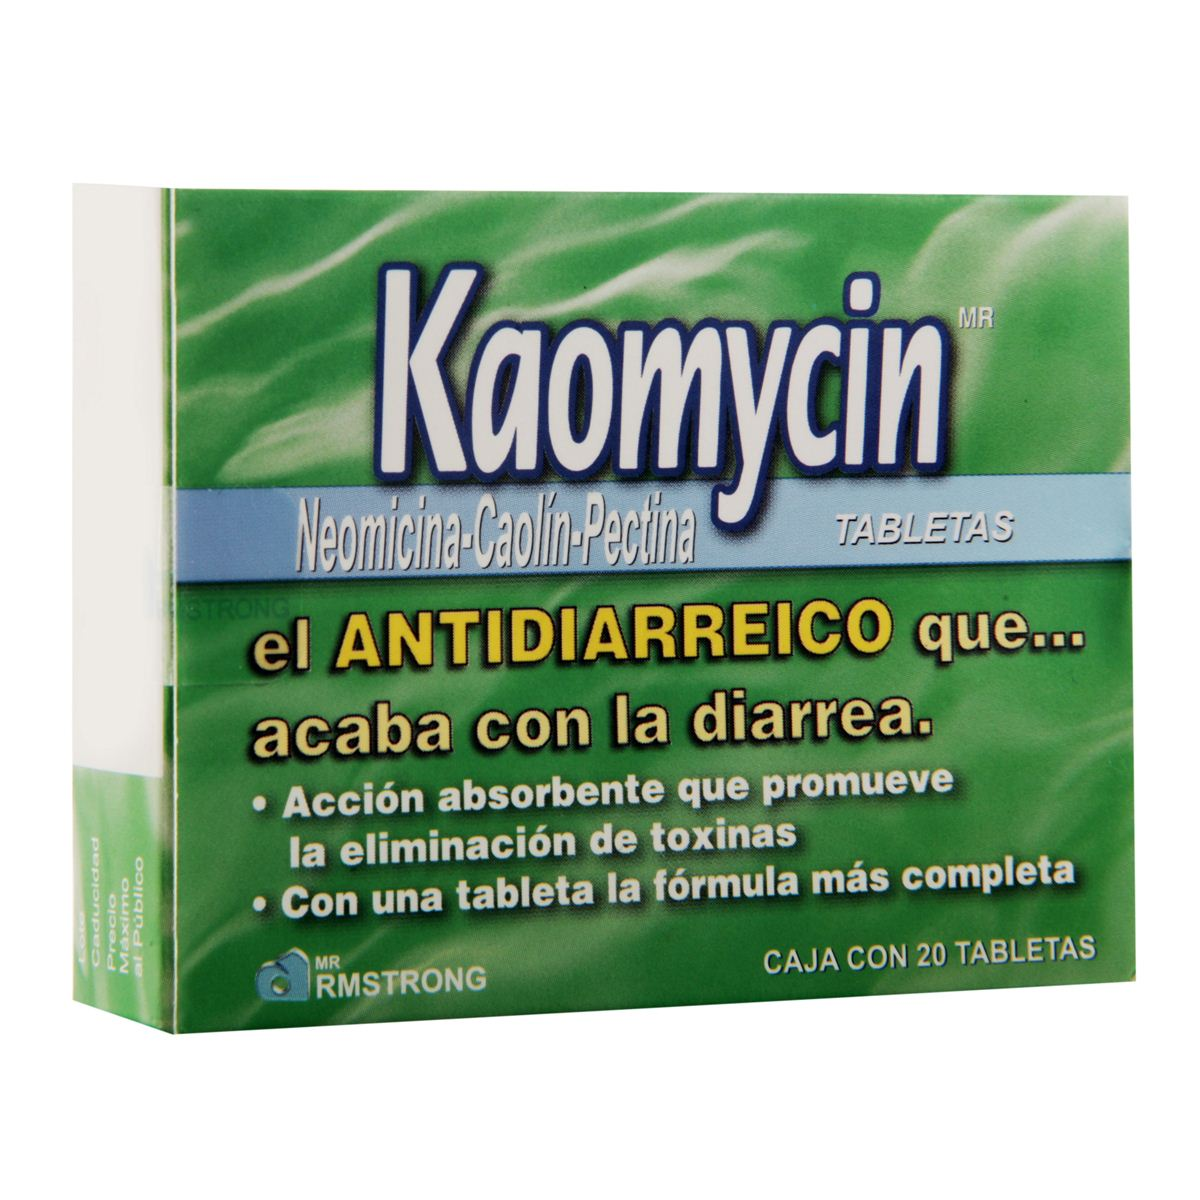 Kaomycin tab 20  - Sanborns